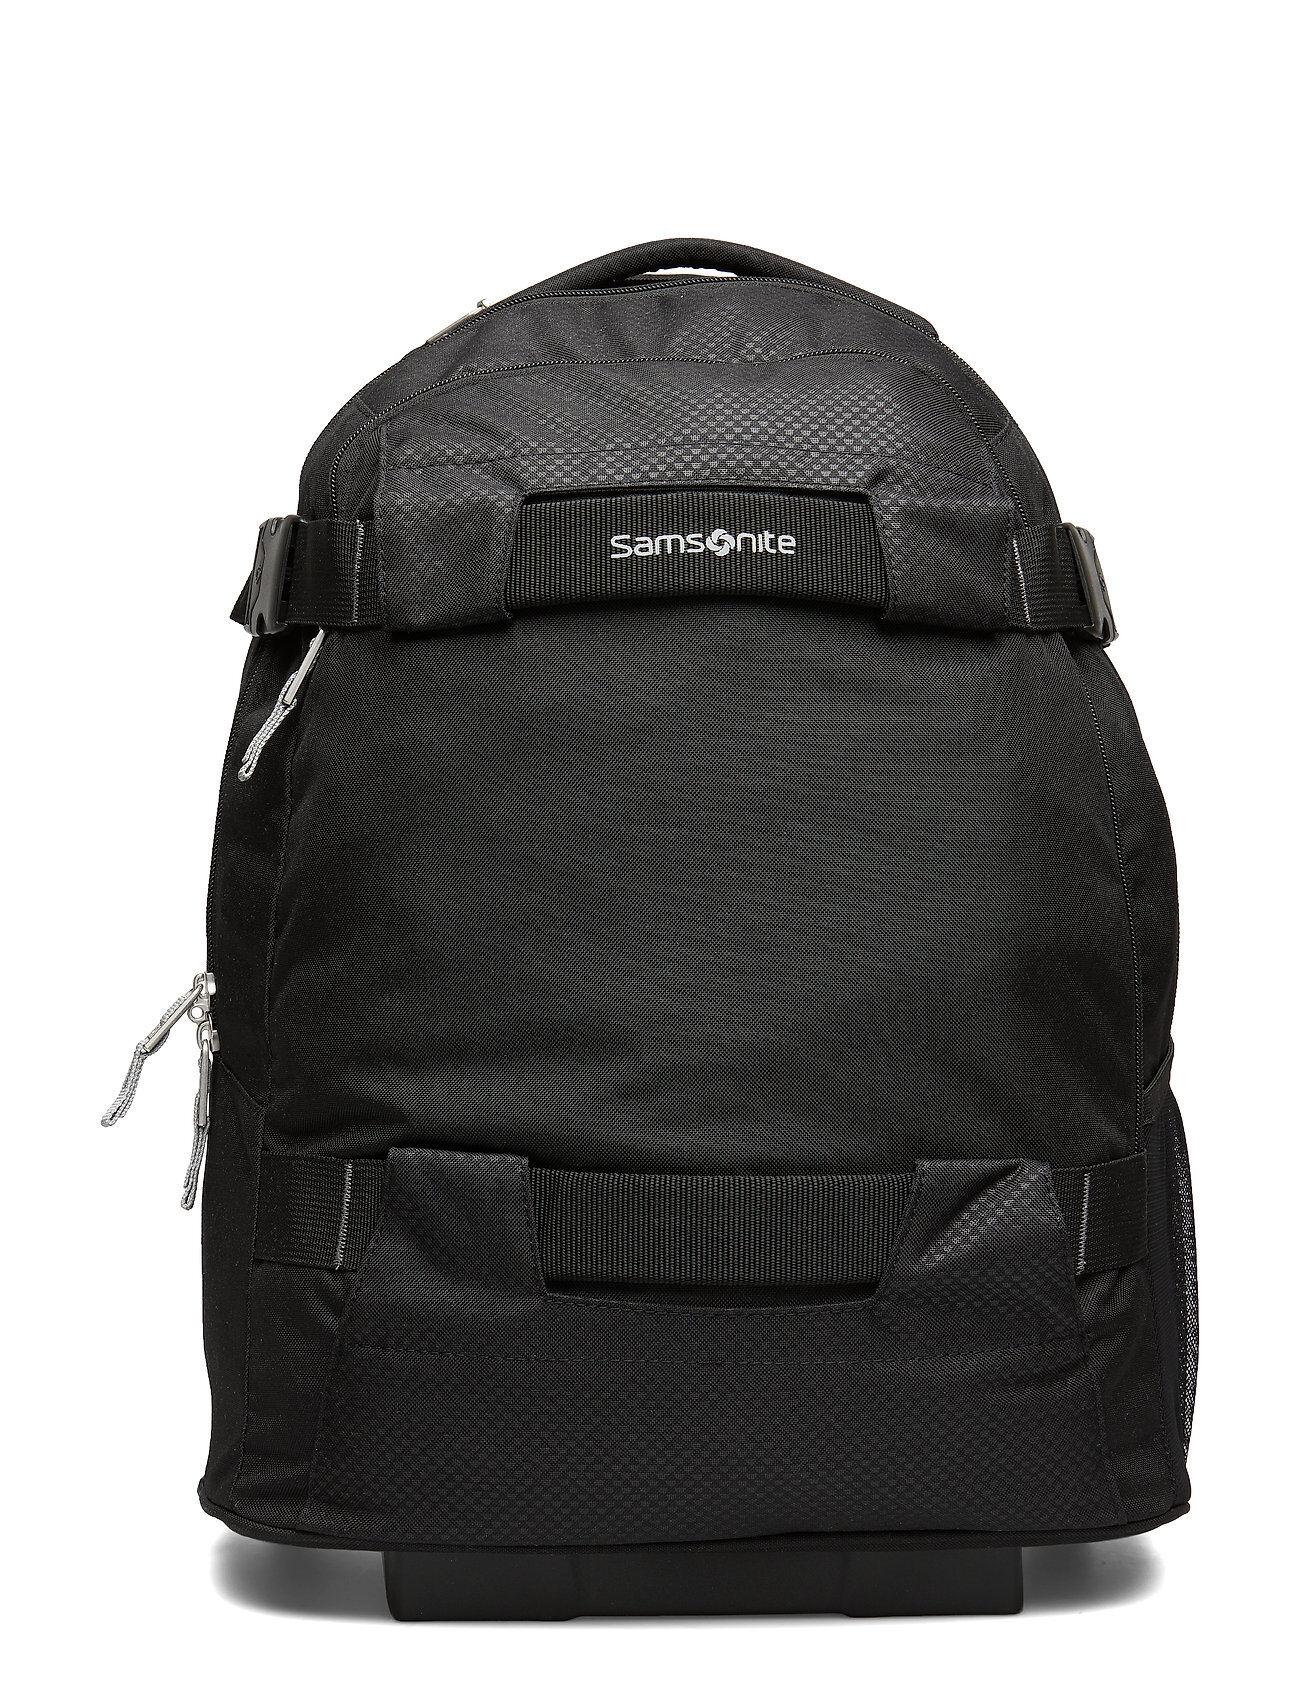 Samsonite Sonora Laptop Backpack/Wheels Reppu Laukku Musta